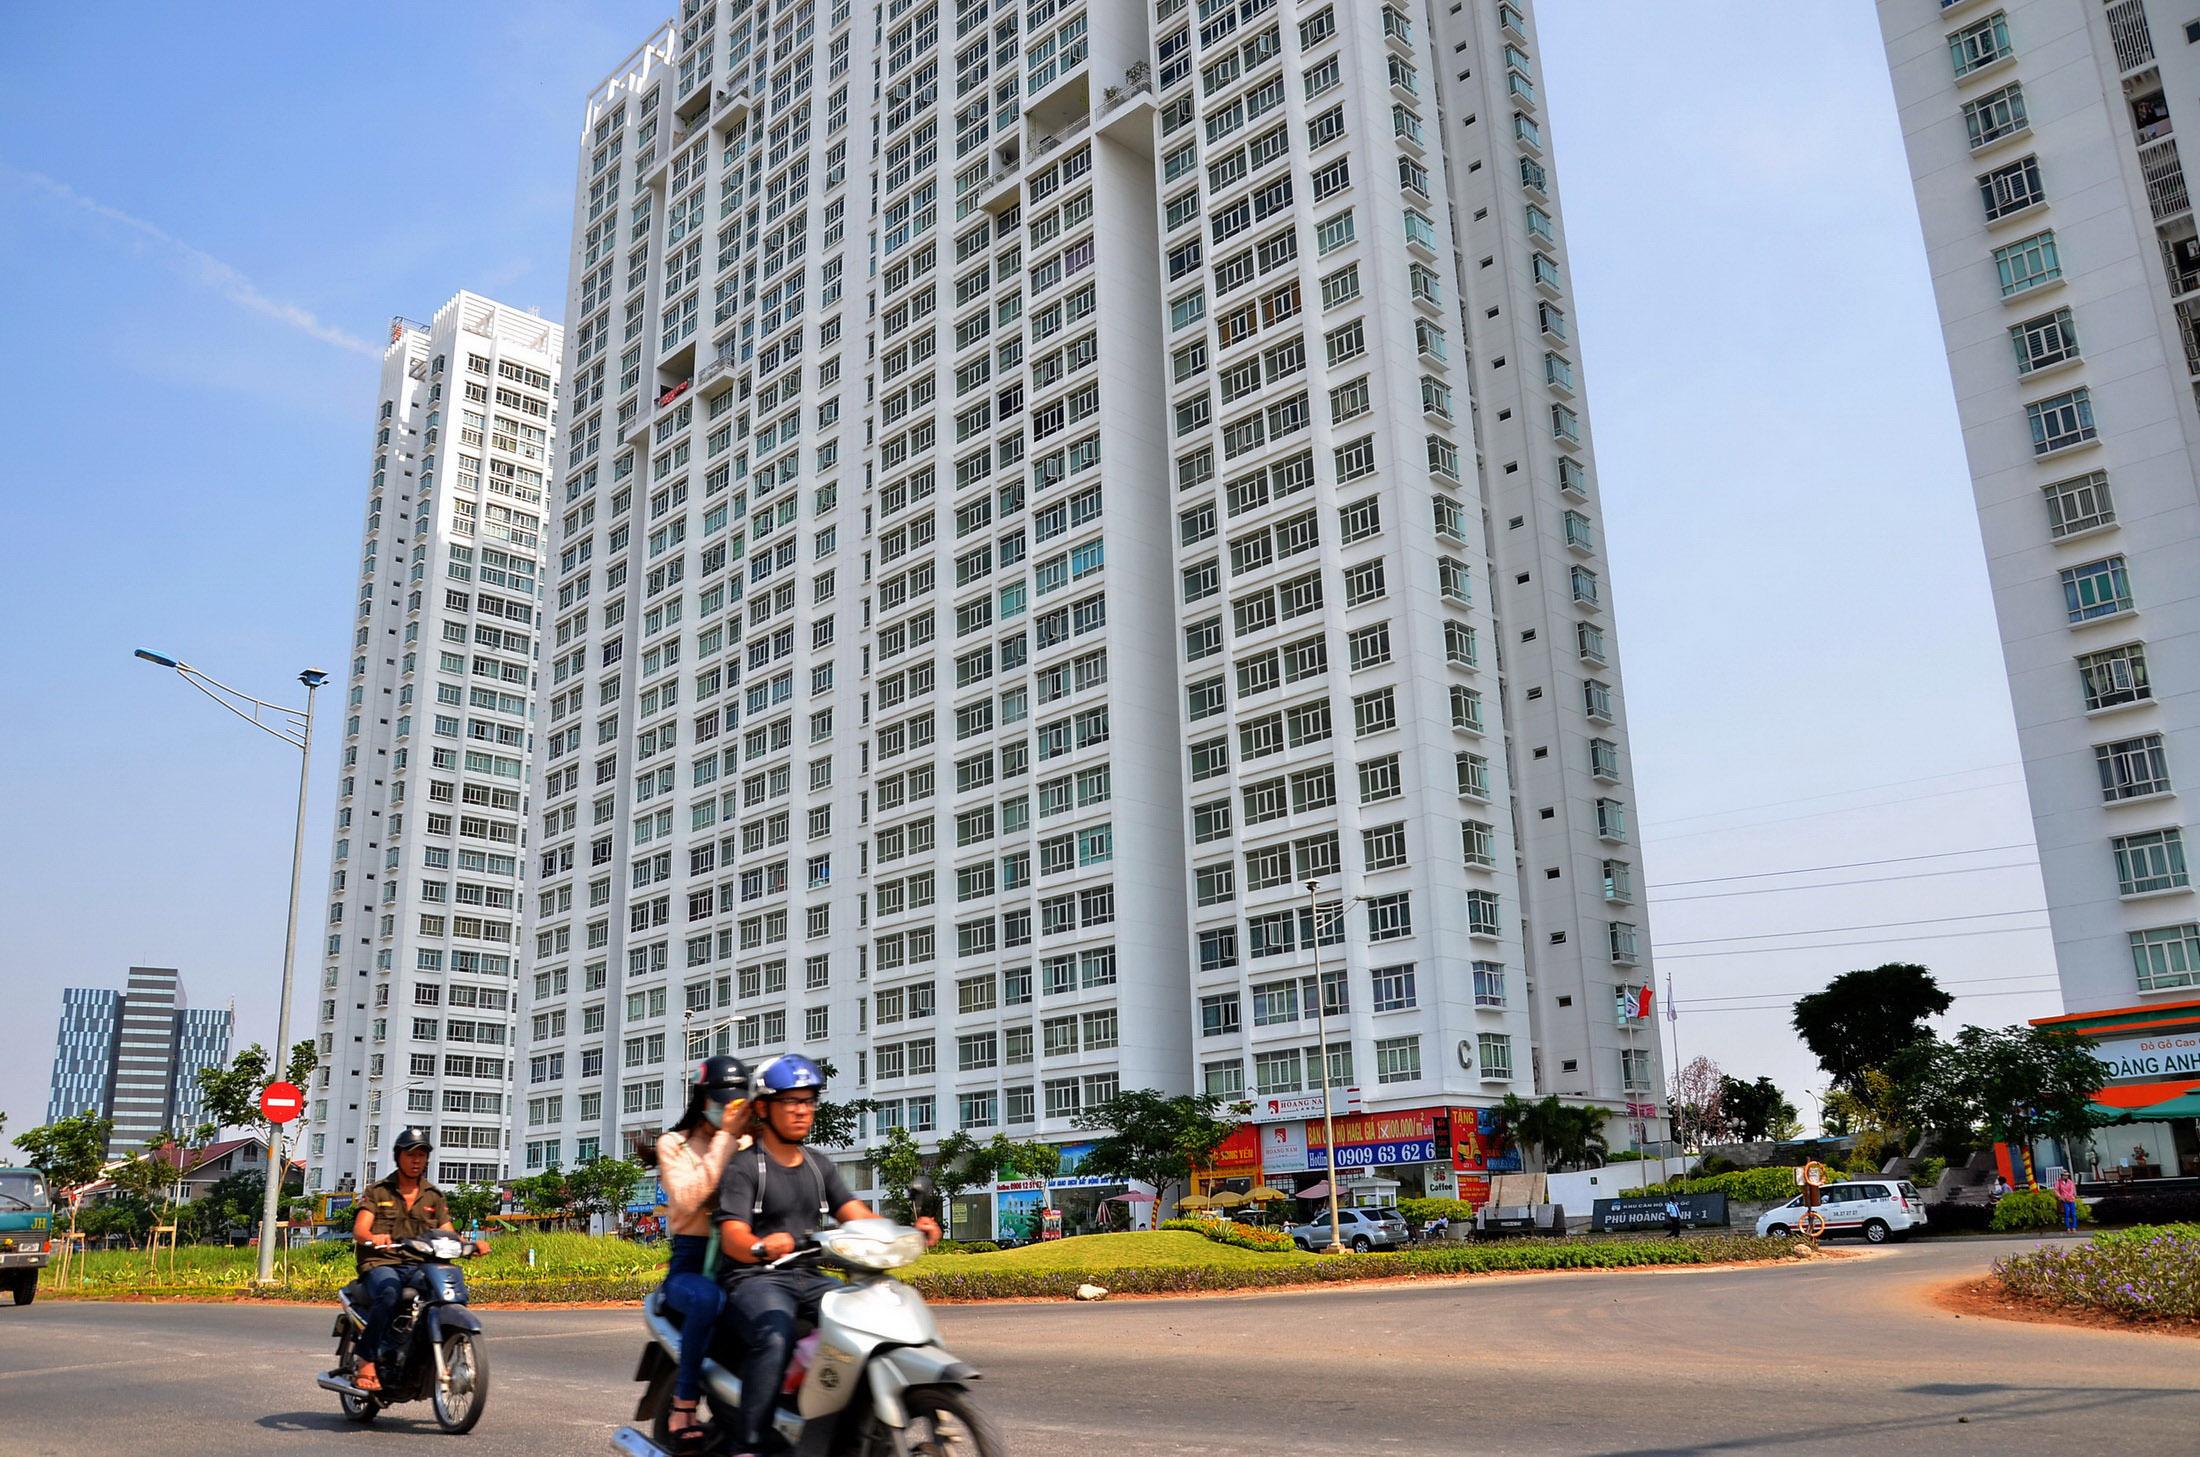 Hơn 6.500 căn hộ của các doanh nghiệp bất động sản tại TP HCM được bán cho khách từ đầu năm đến nay  Ảnh: tấn Thạnh